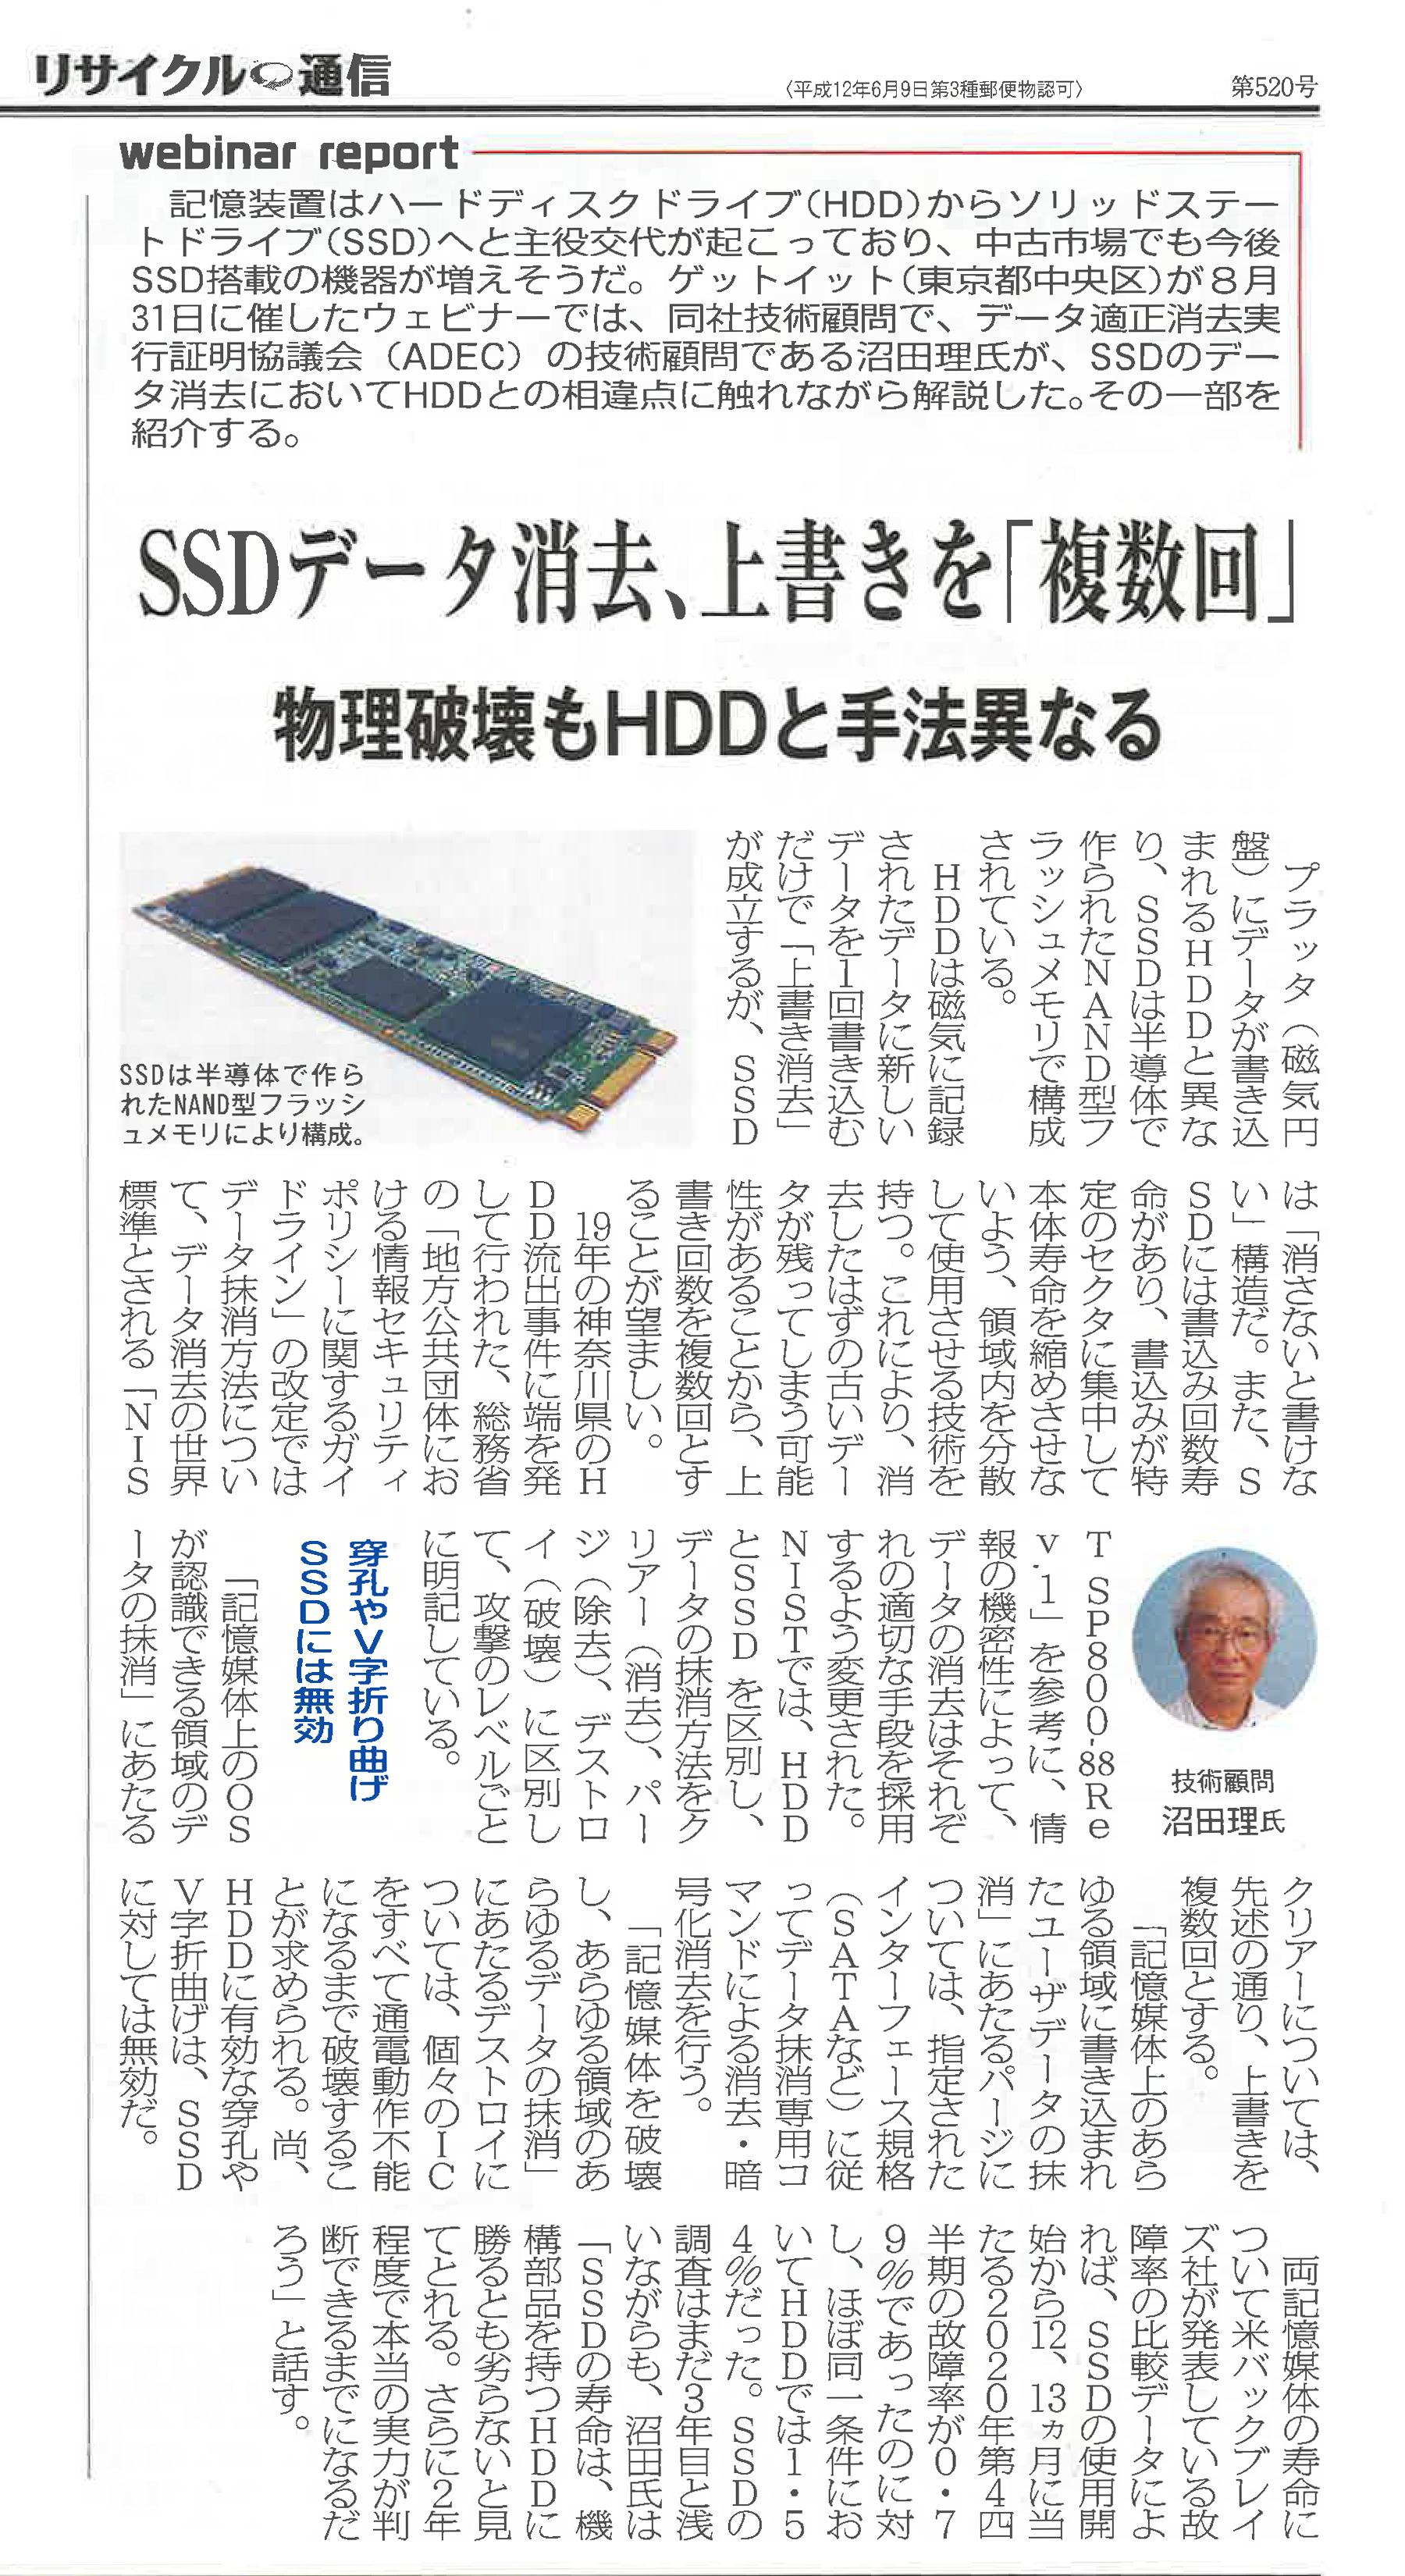 リサイクル通信「SSDデータ消去、上書きを「複数回」 物理破壊もHDDと手法異なる」